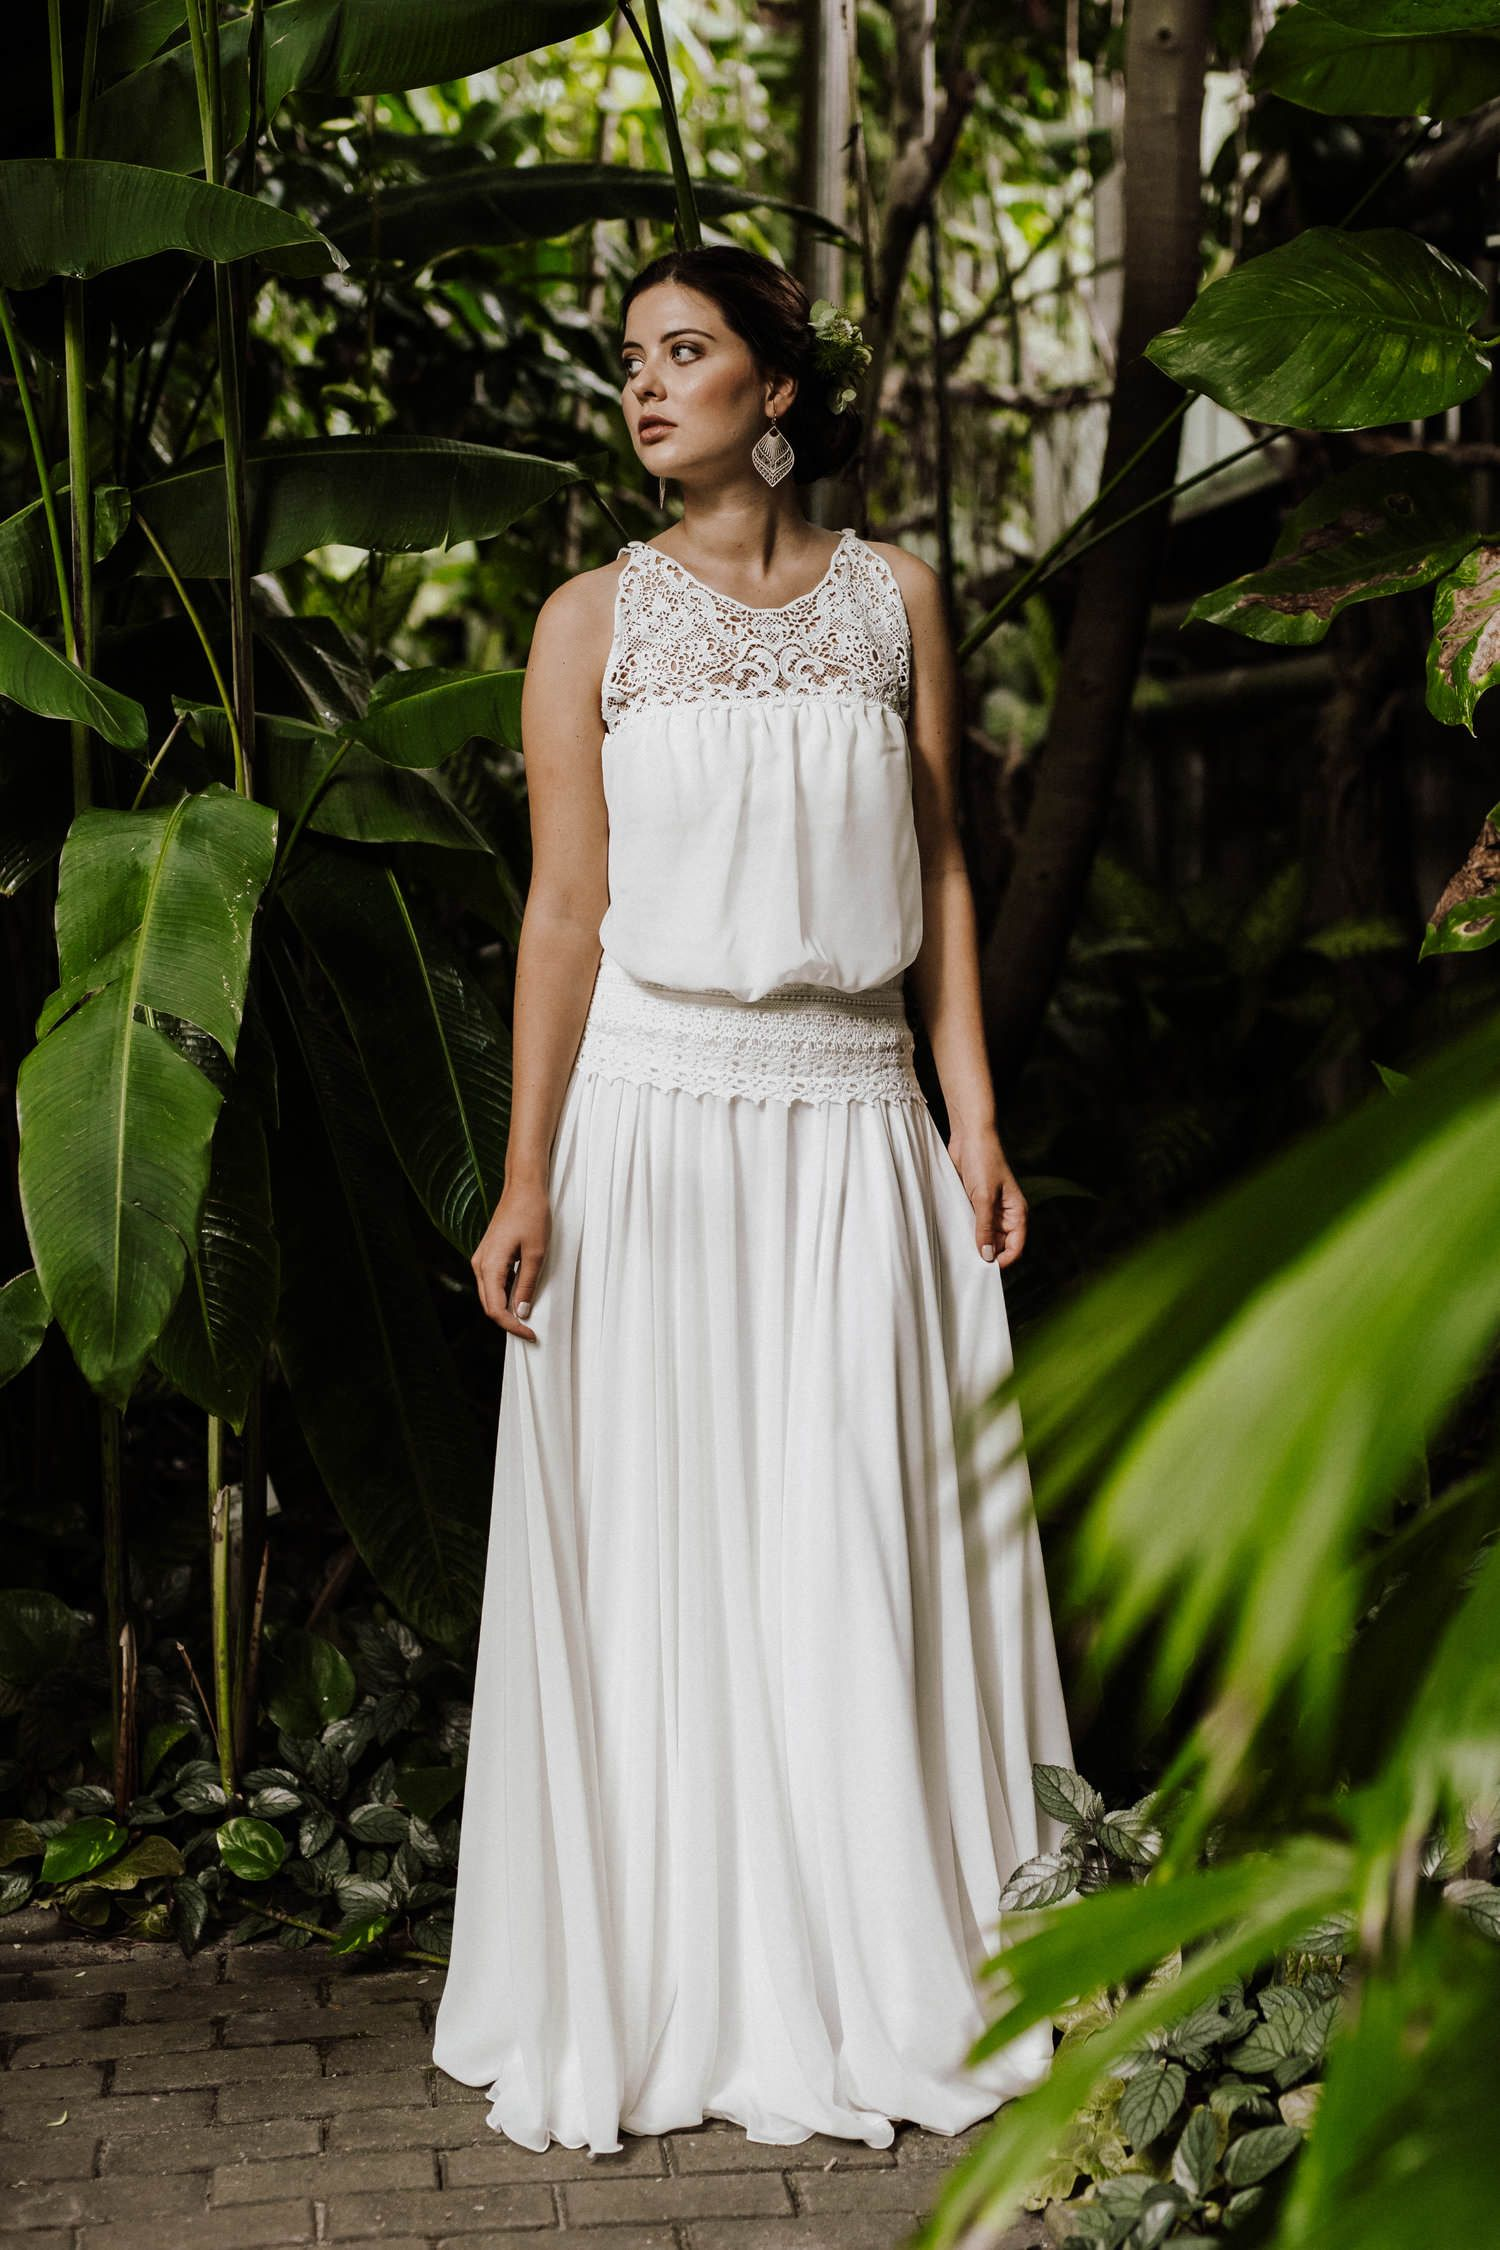 Veganes Hochzeitskleid im Boho-Look! Der lässige Hippie-Style